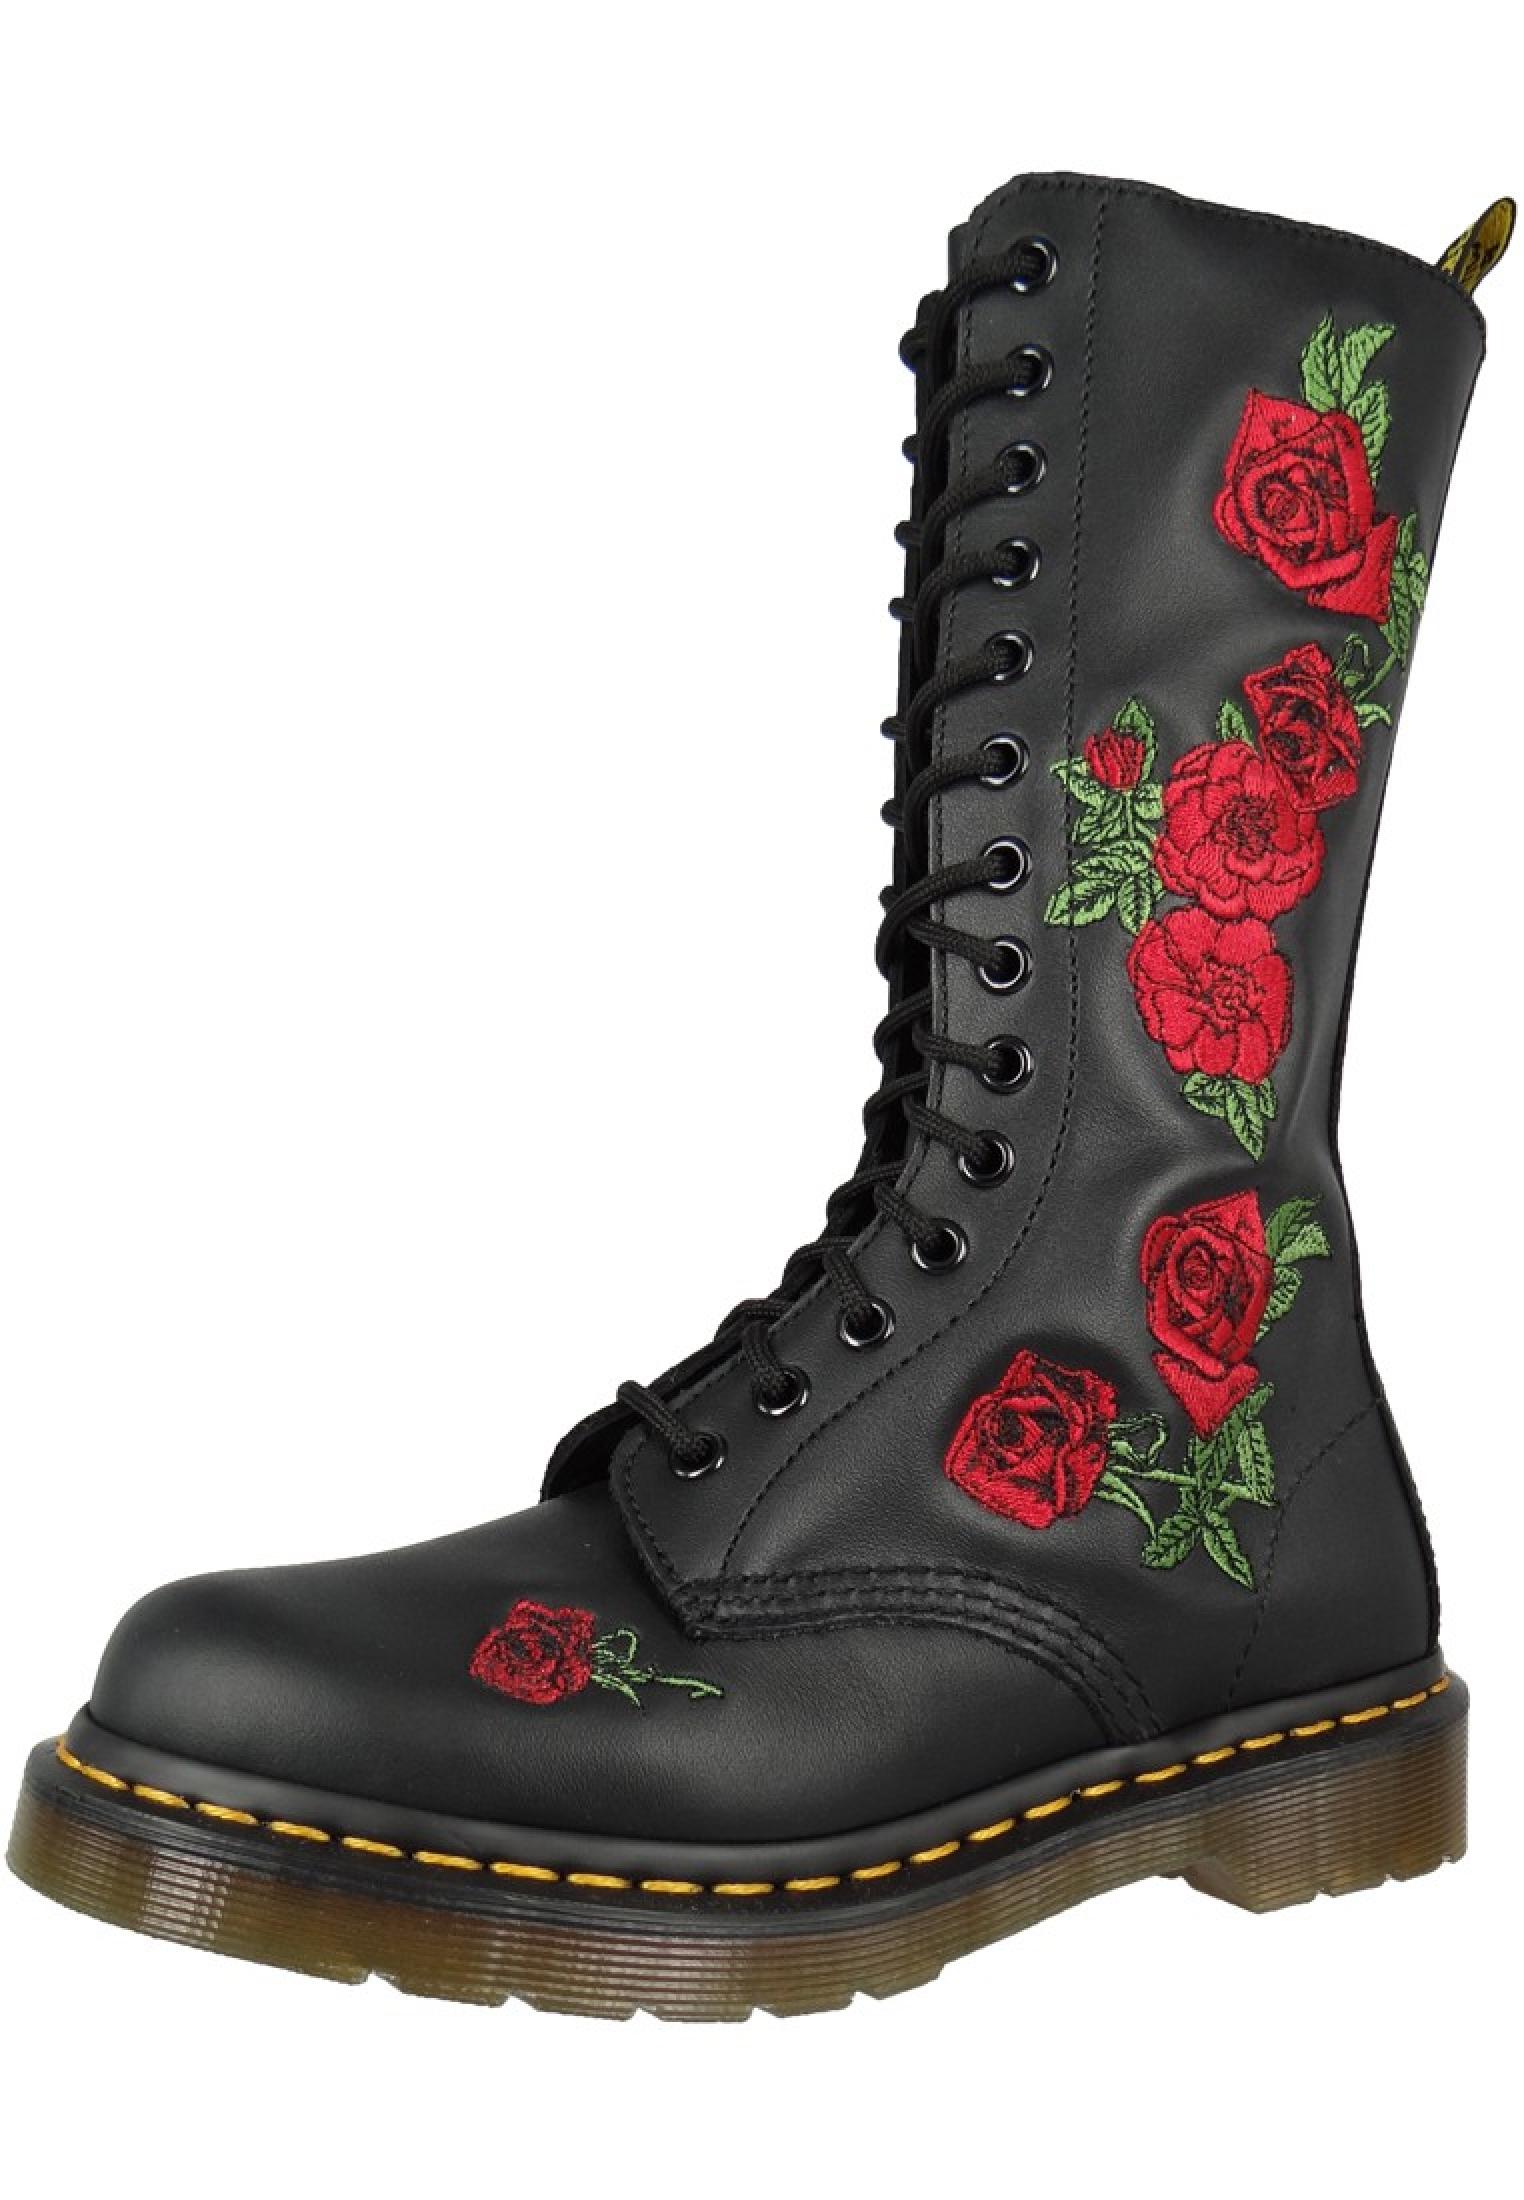 size 7 better wholesale price Dr. Martens VONDA 12761001 Damen Embroidery Rosen Black Schwarz 14-Loch